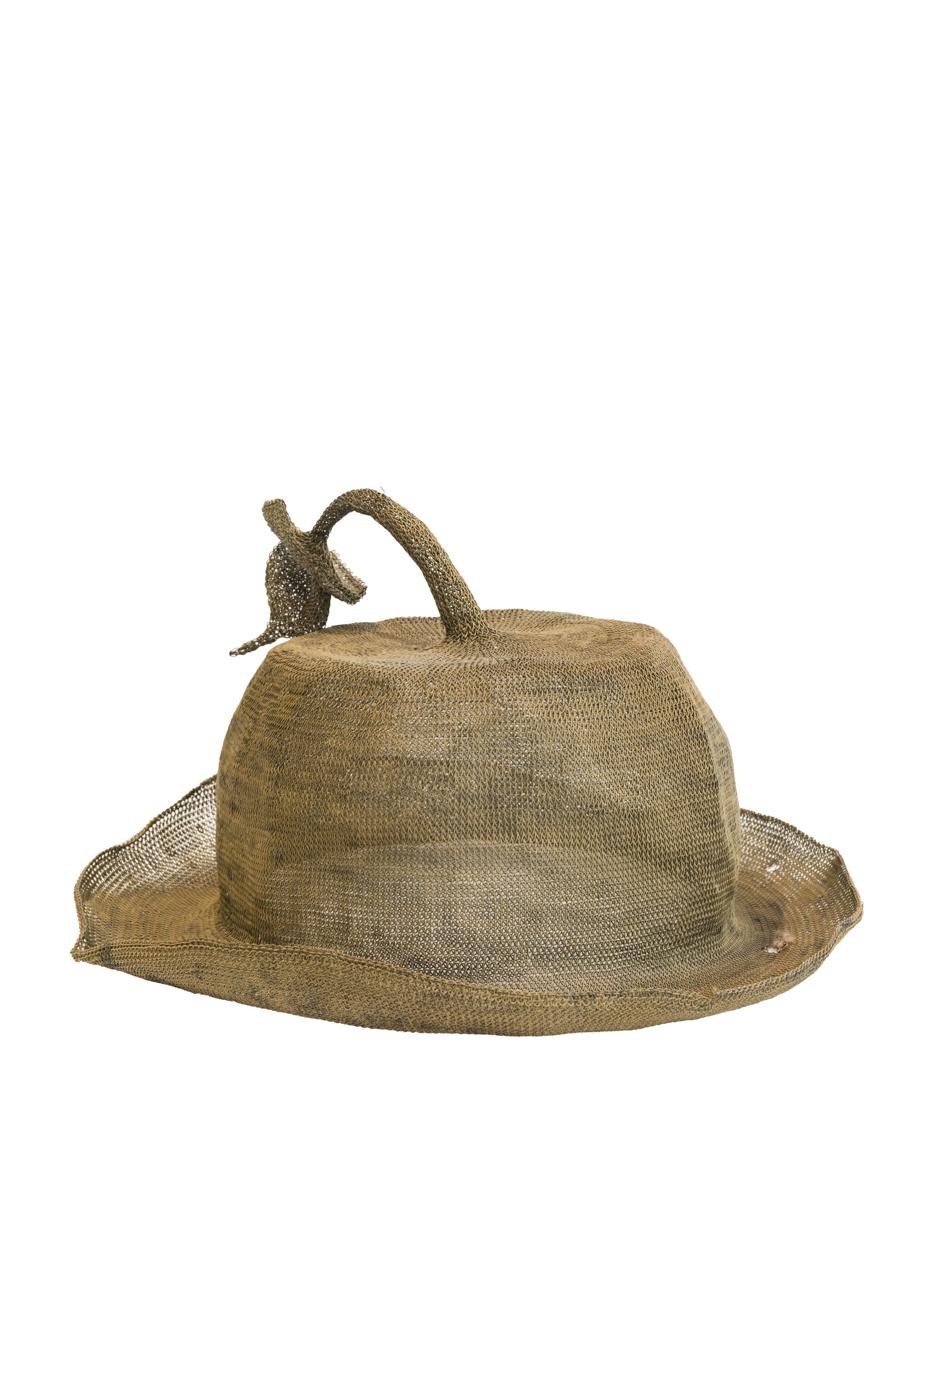 Sombrero Ceremonial Indonesia Envejecido